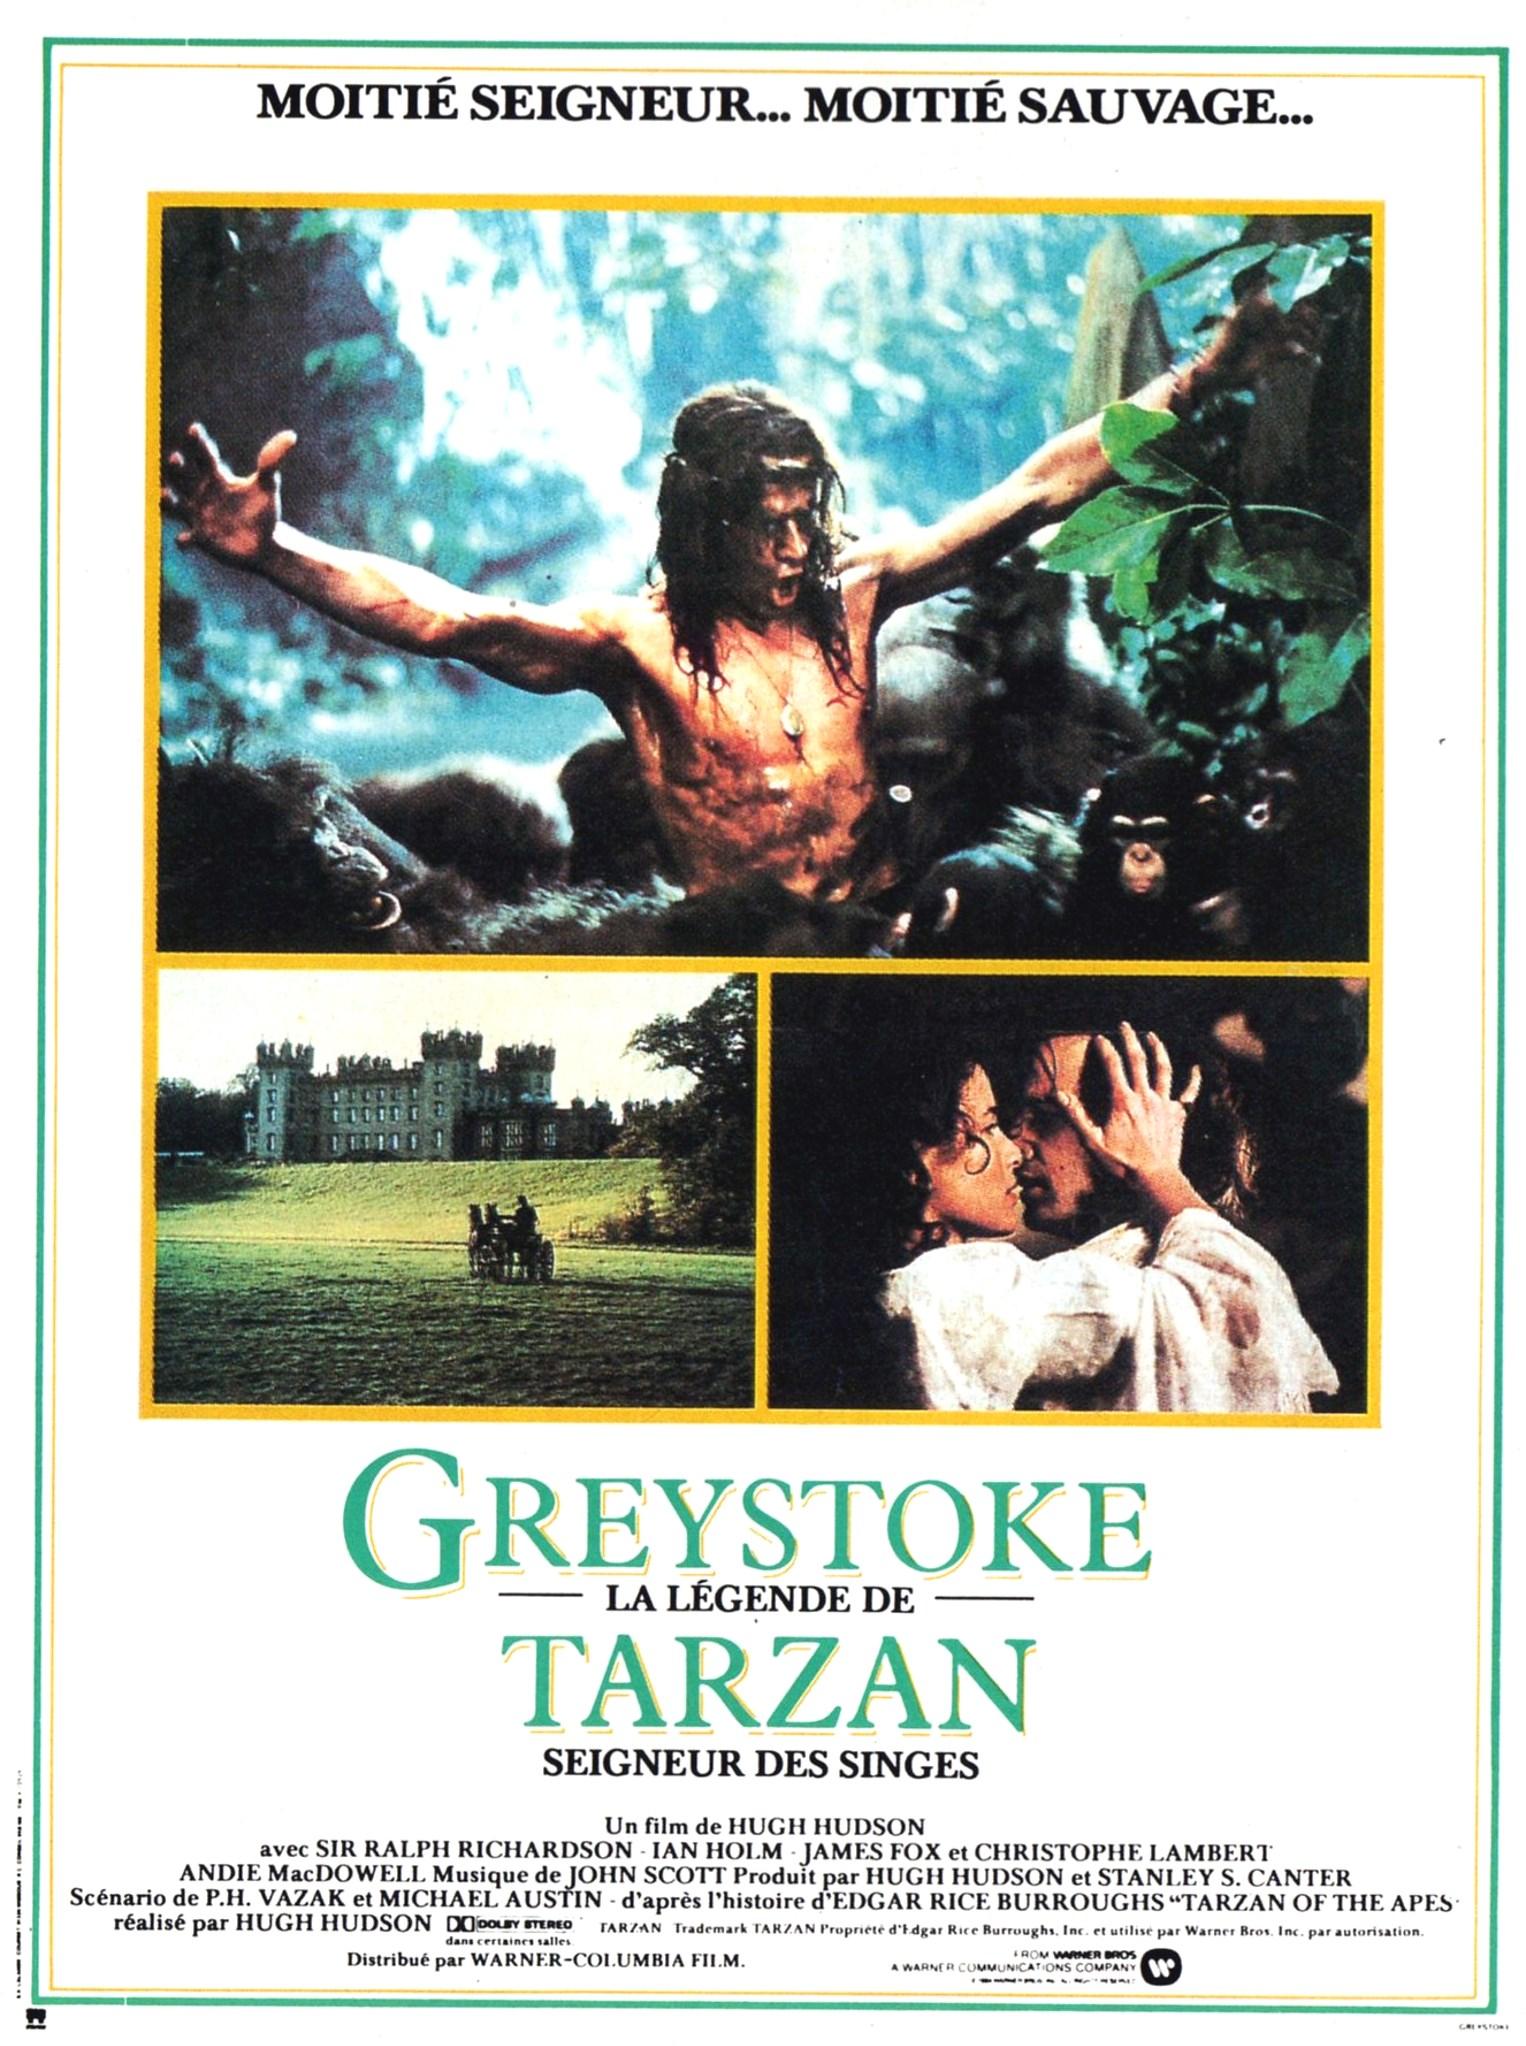 affiche du film Greystoke, la légende de Tarzan, seigneur des singes